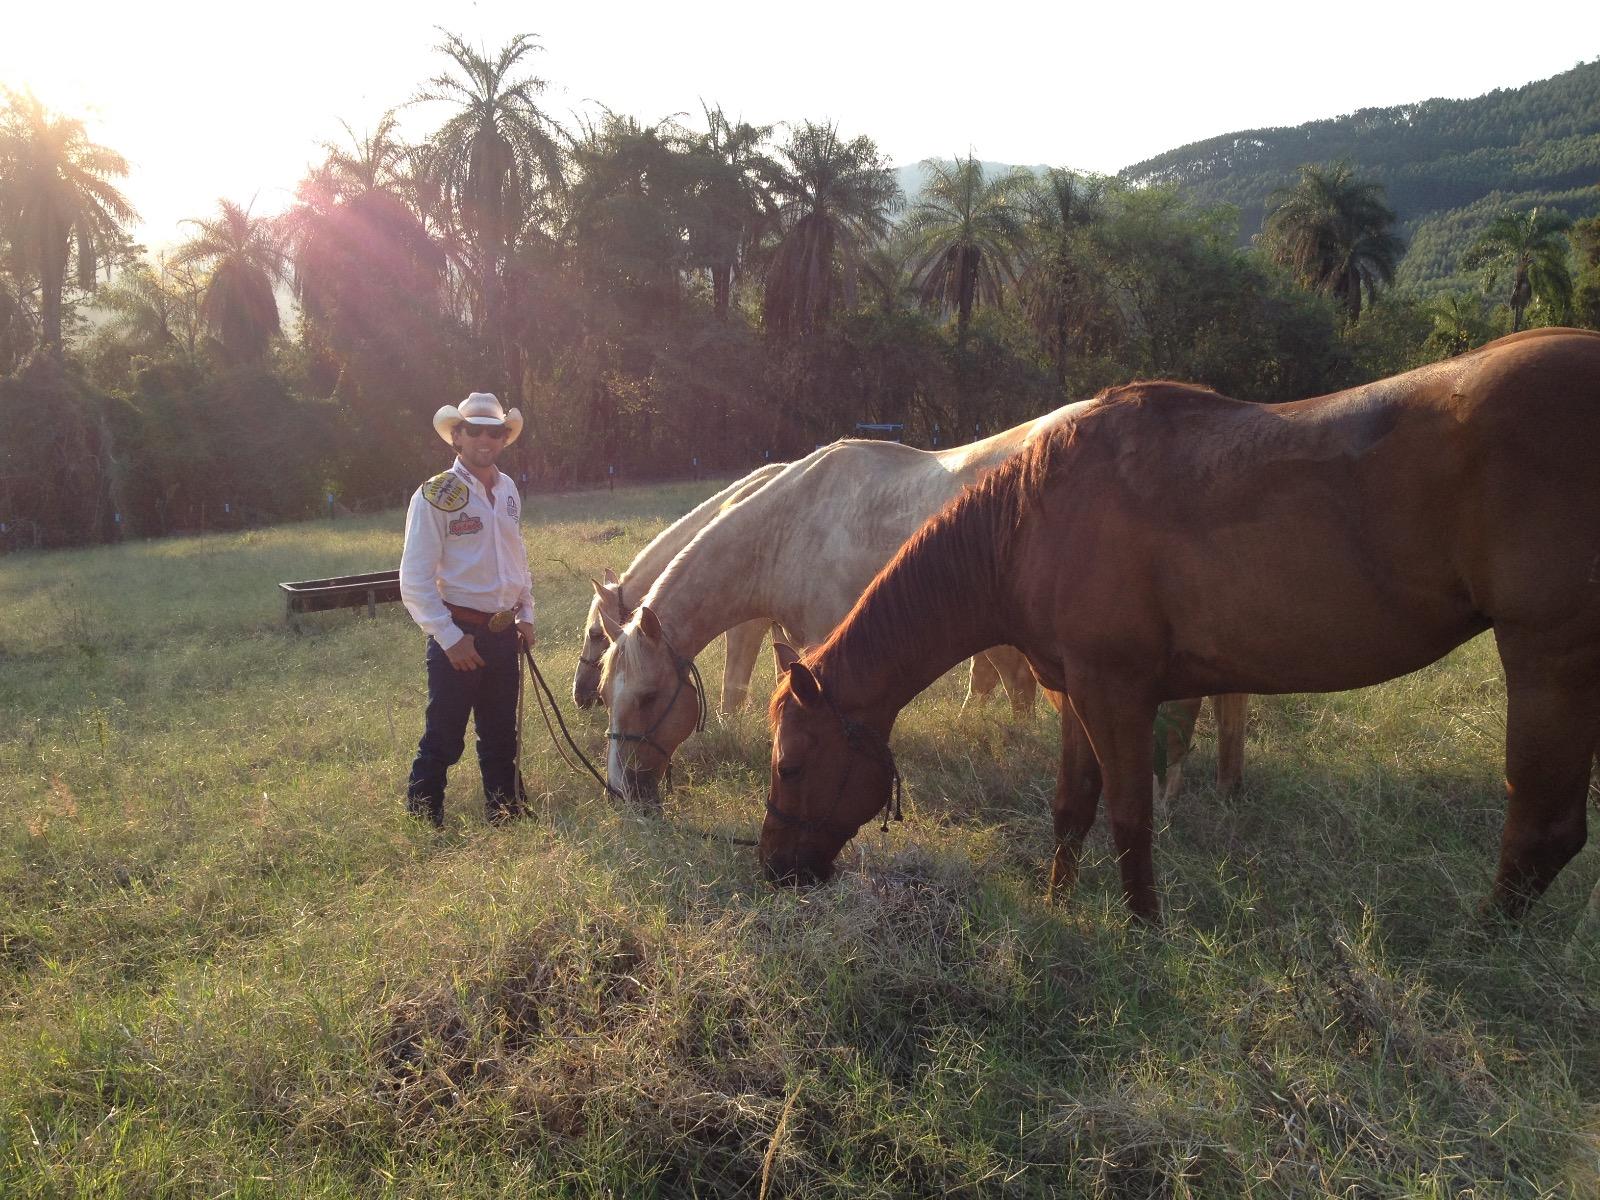 """Os cavalos de Filipe já no Brasil, depois de percorrerem mais de 16 000 km: """"eles não são coitados, muito pelo contrário"""""""